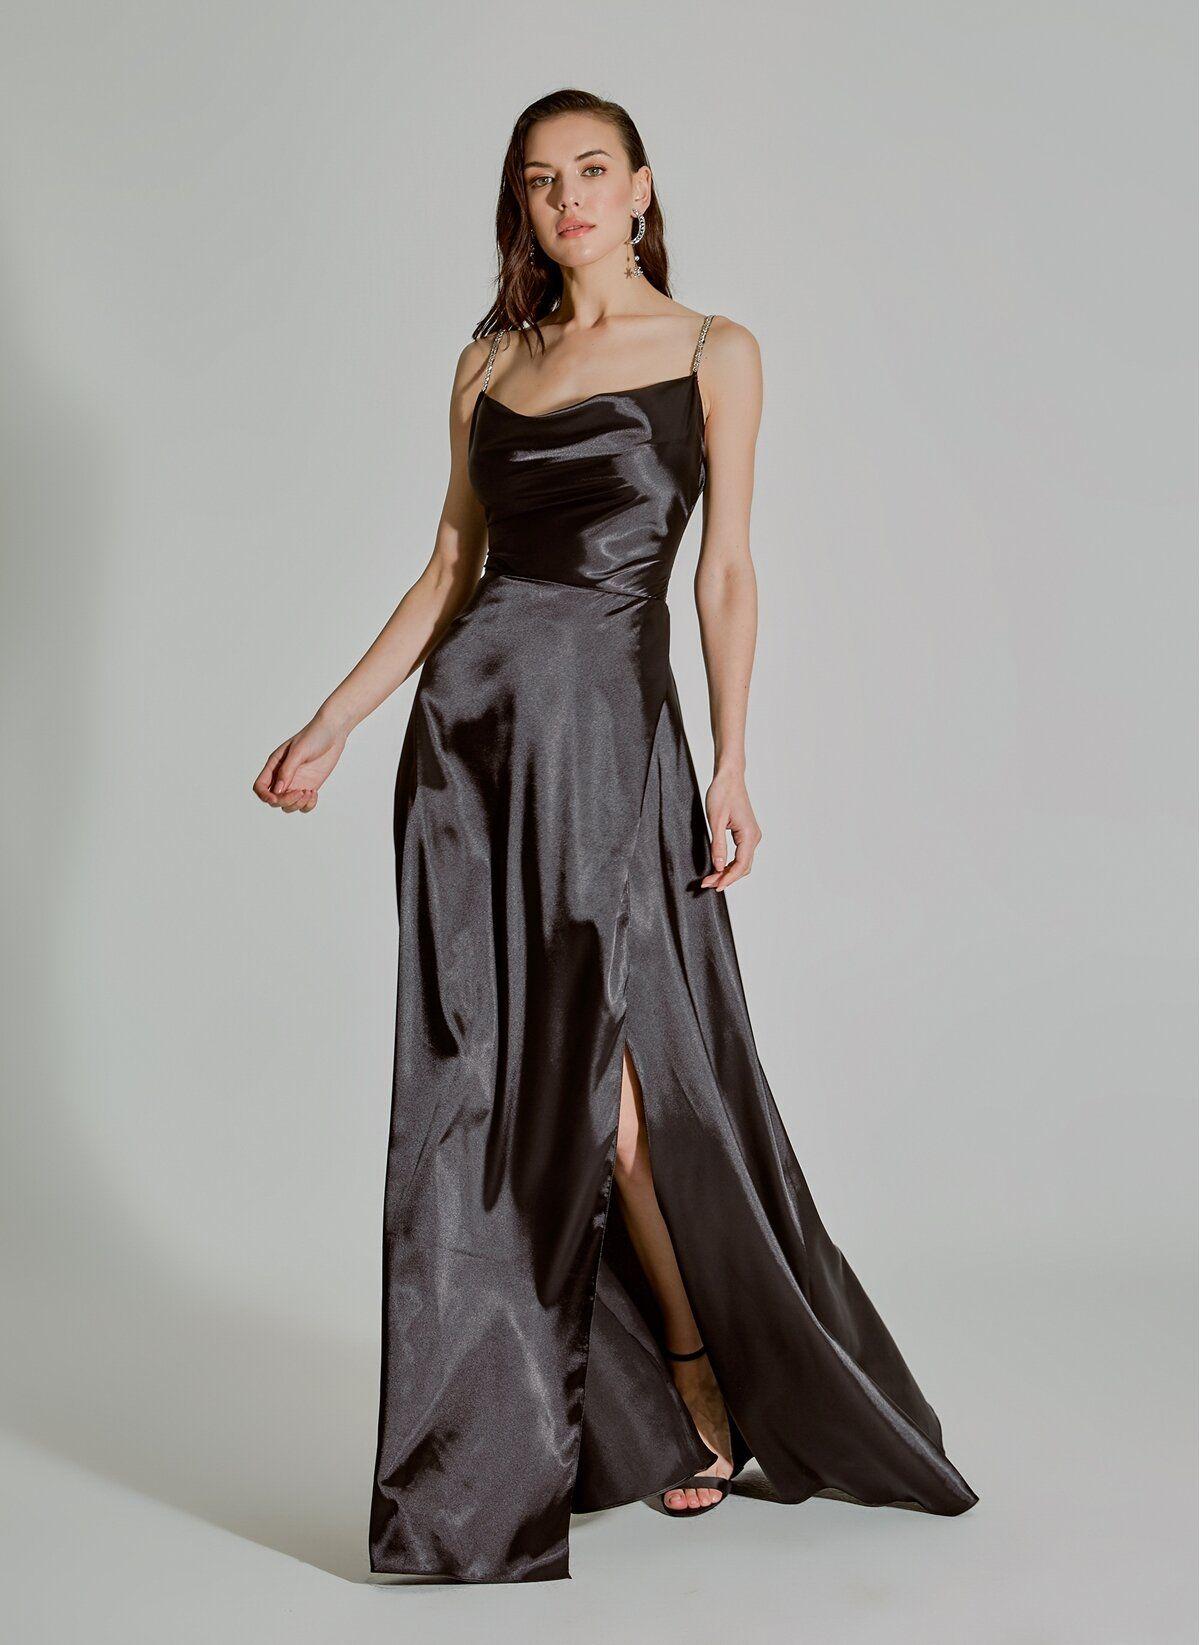 People By Fabrika Pfkss20el0171 Saten Abiye Morhipo 2020 Aksamustu Giysileri Elbise Moda Stilleri